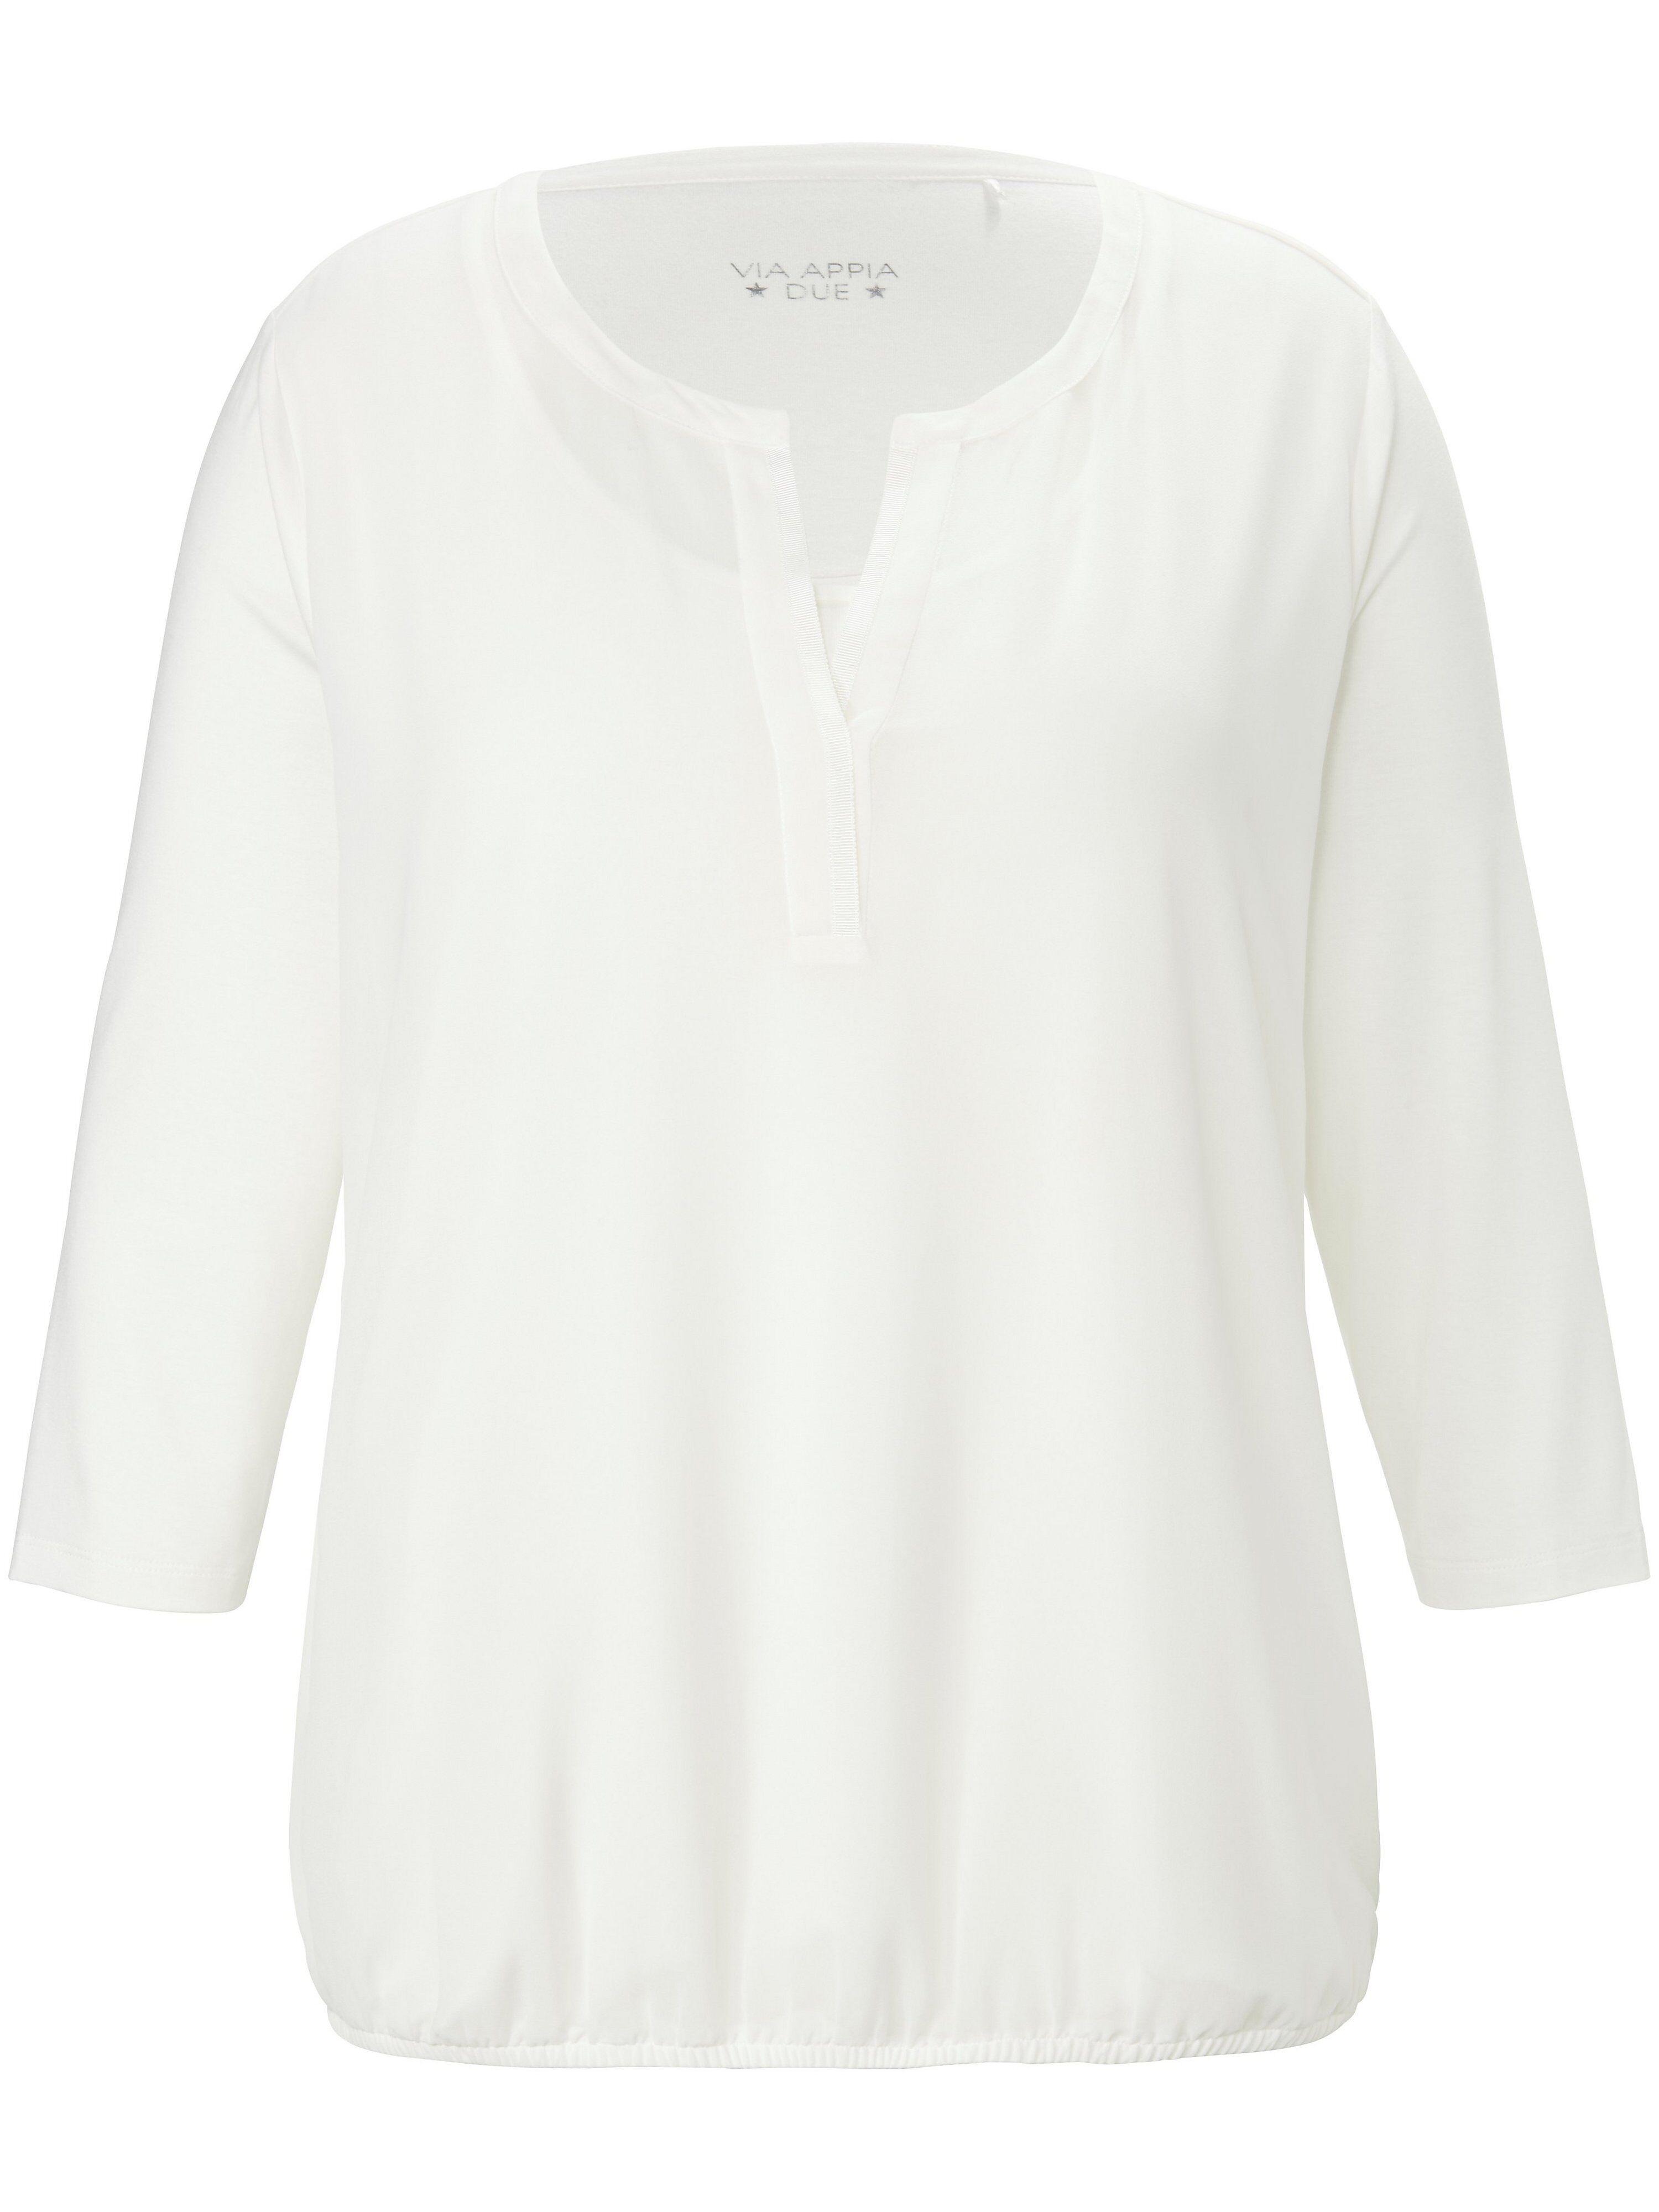 Via Le T-shirt manches 3/4  Via Appia Due blanc  - Femme - 48